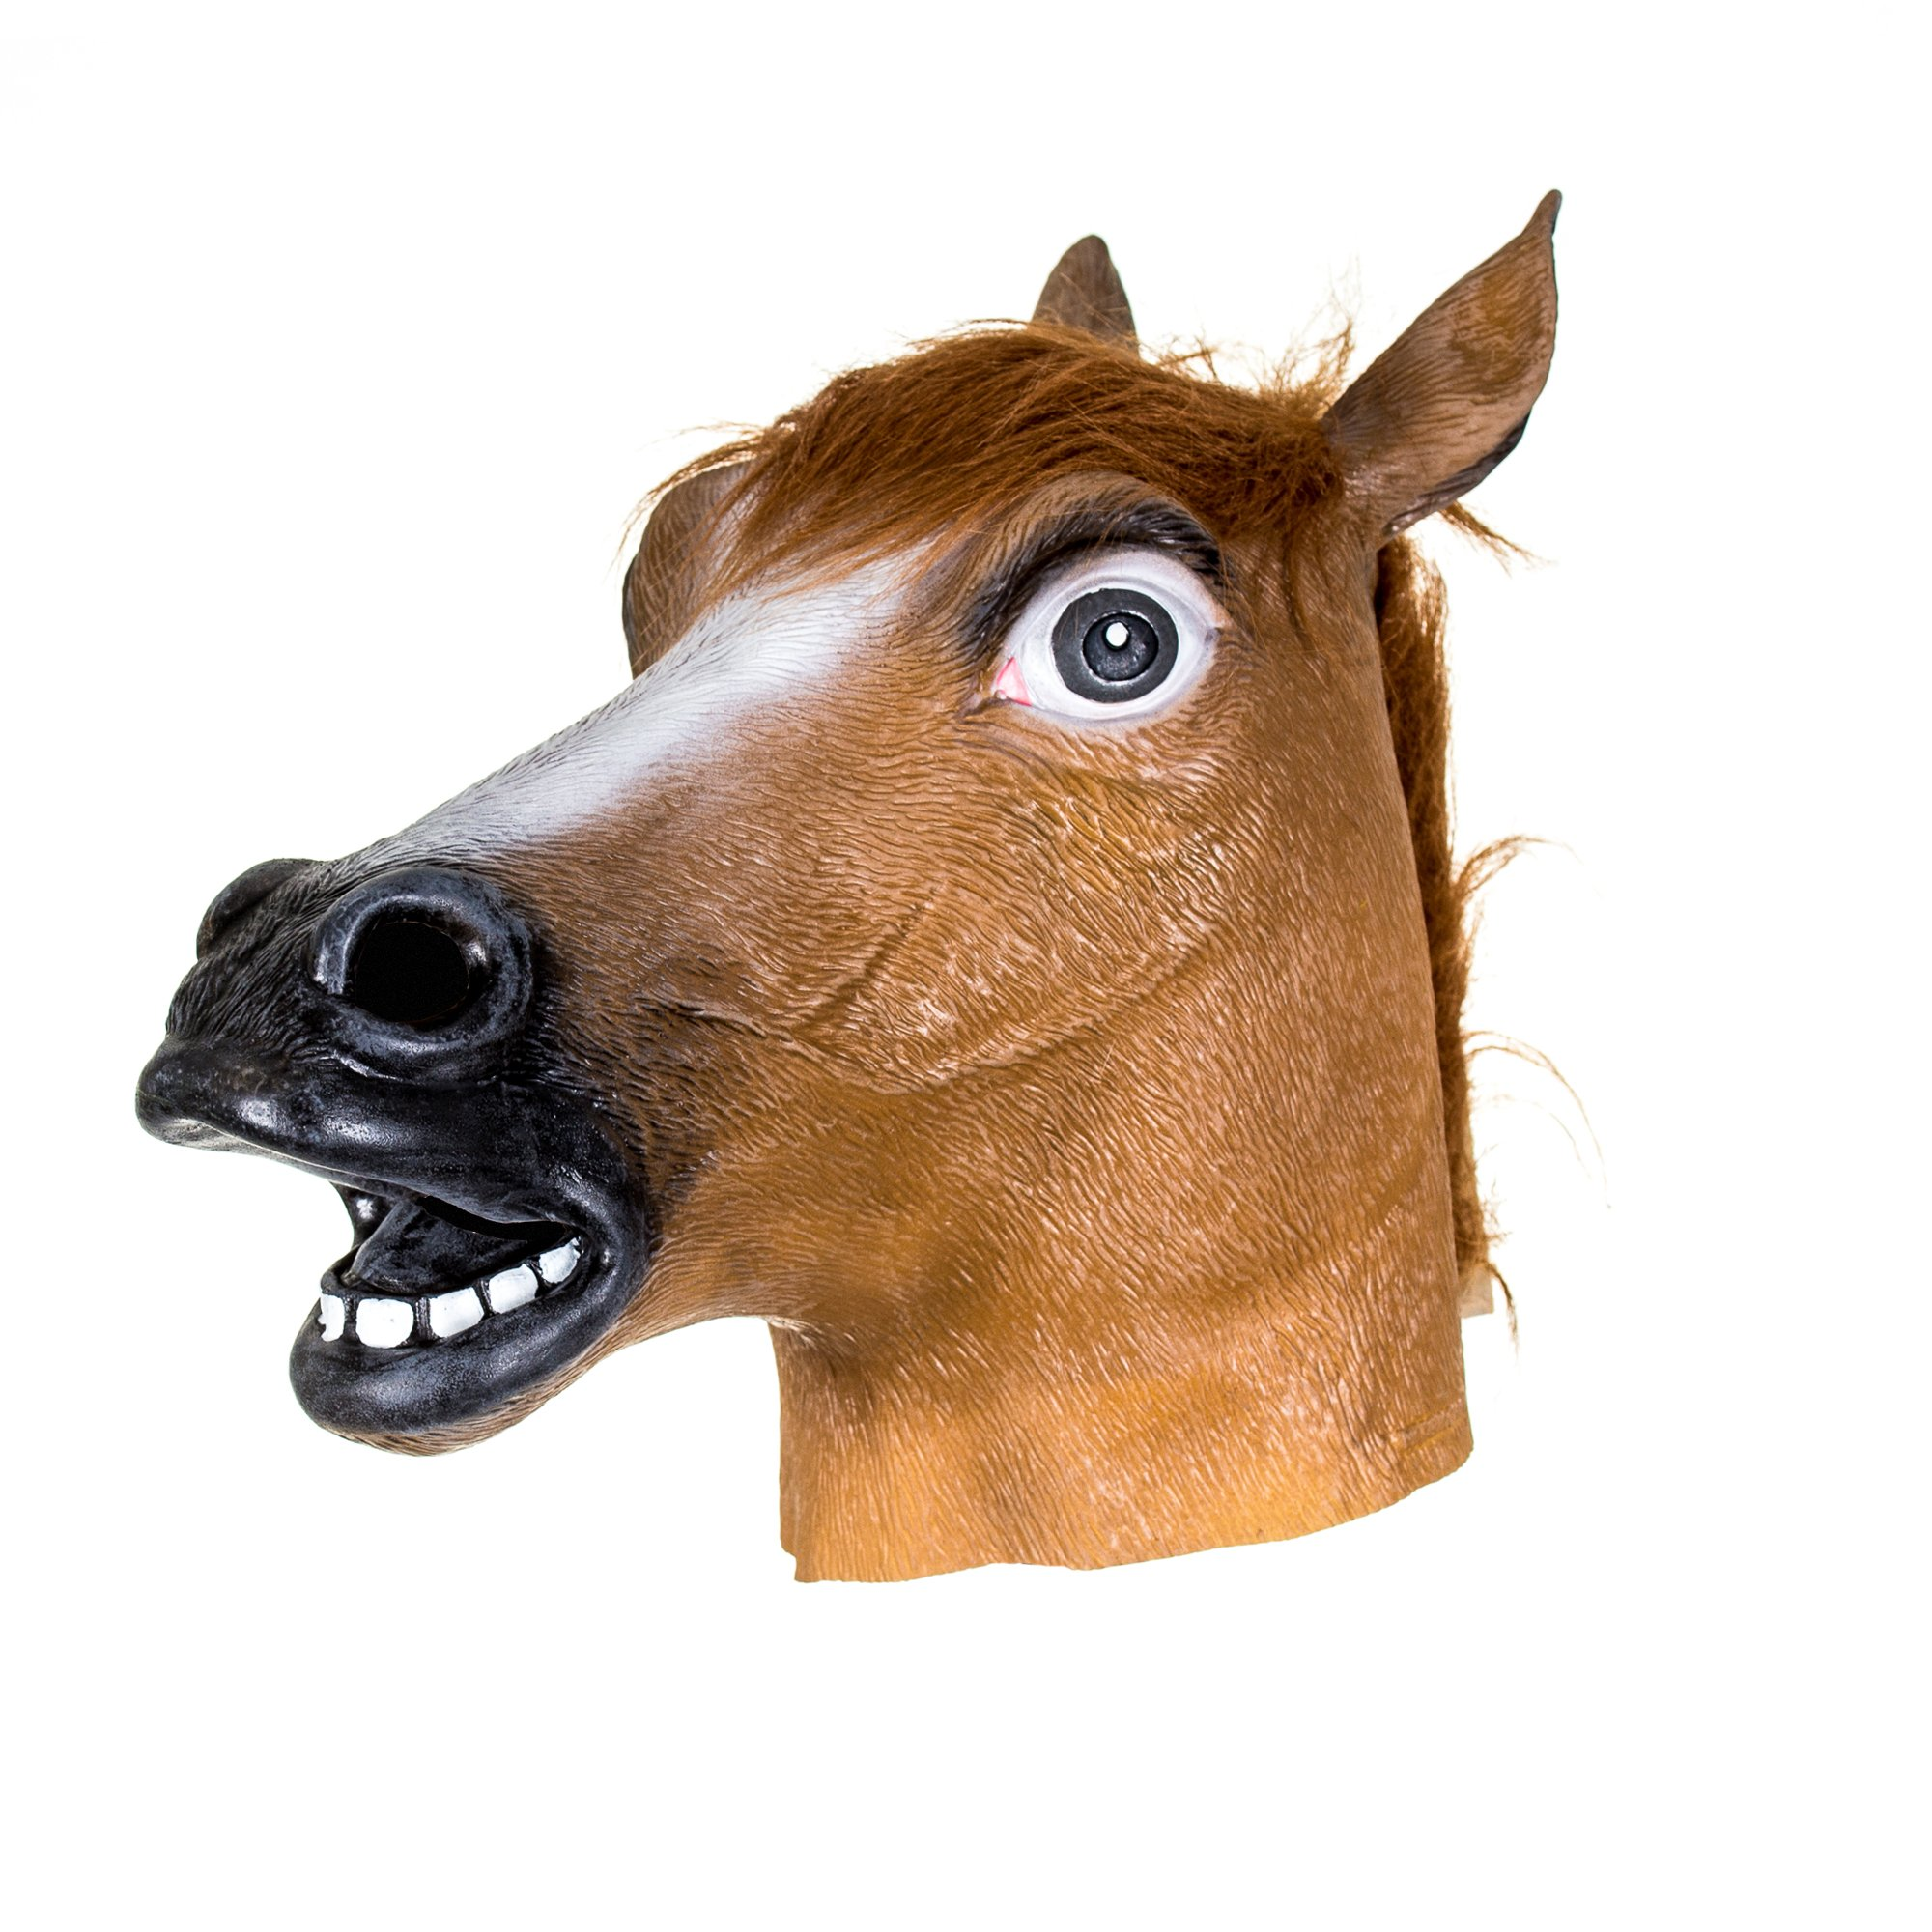 оформления картинки маски лошади носили форму офицерского